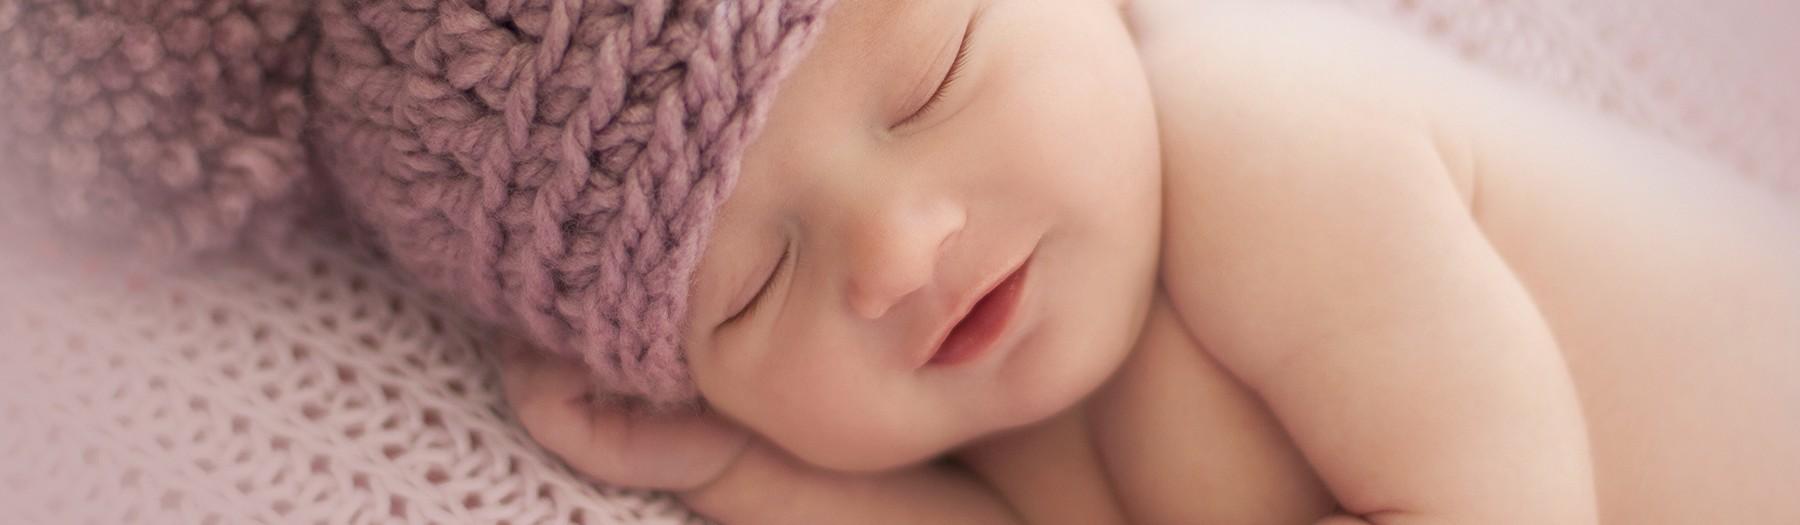 Fotos de recién nacido en Murcia + Newborn 7 days + María.